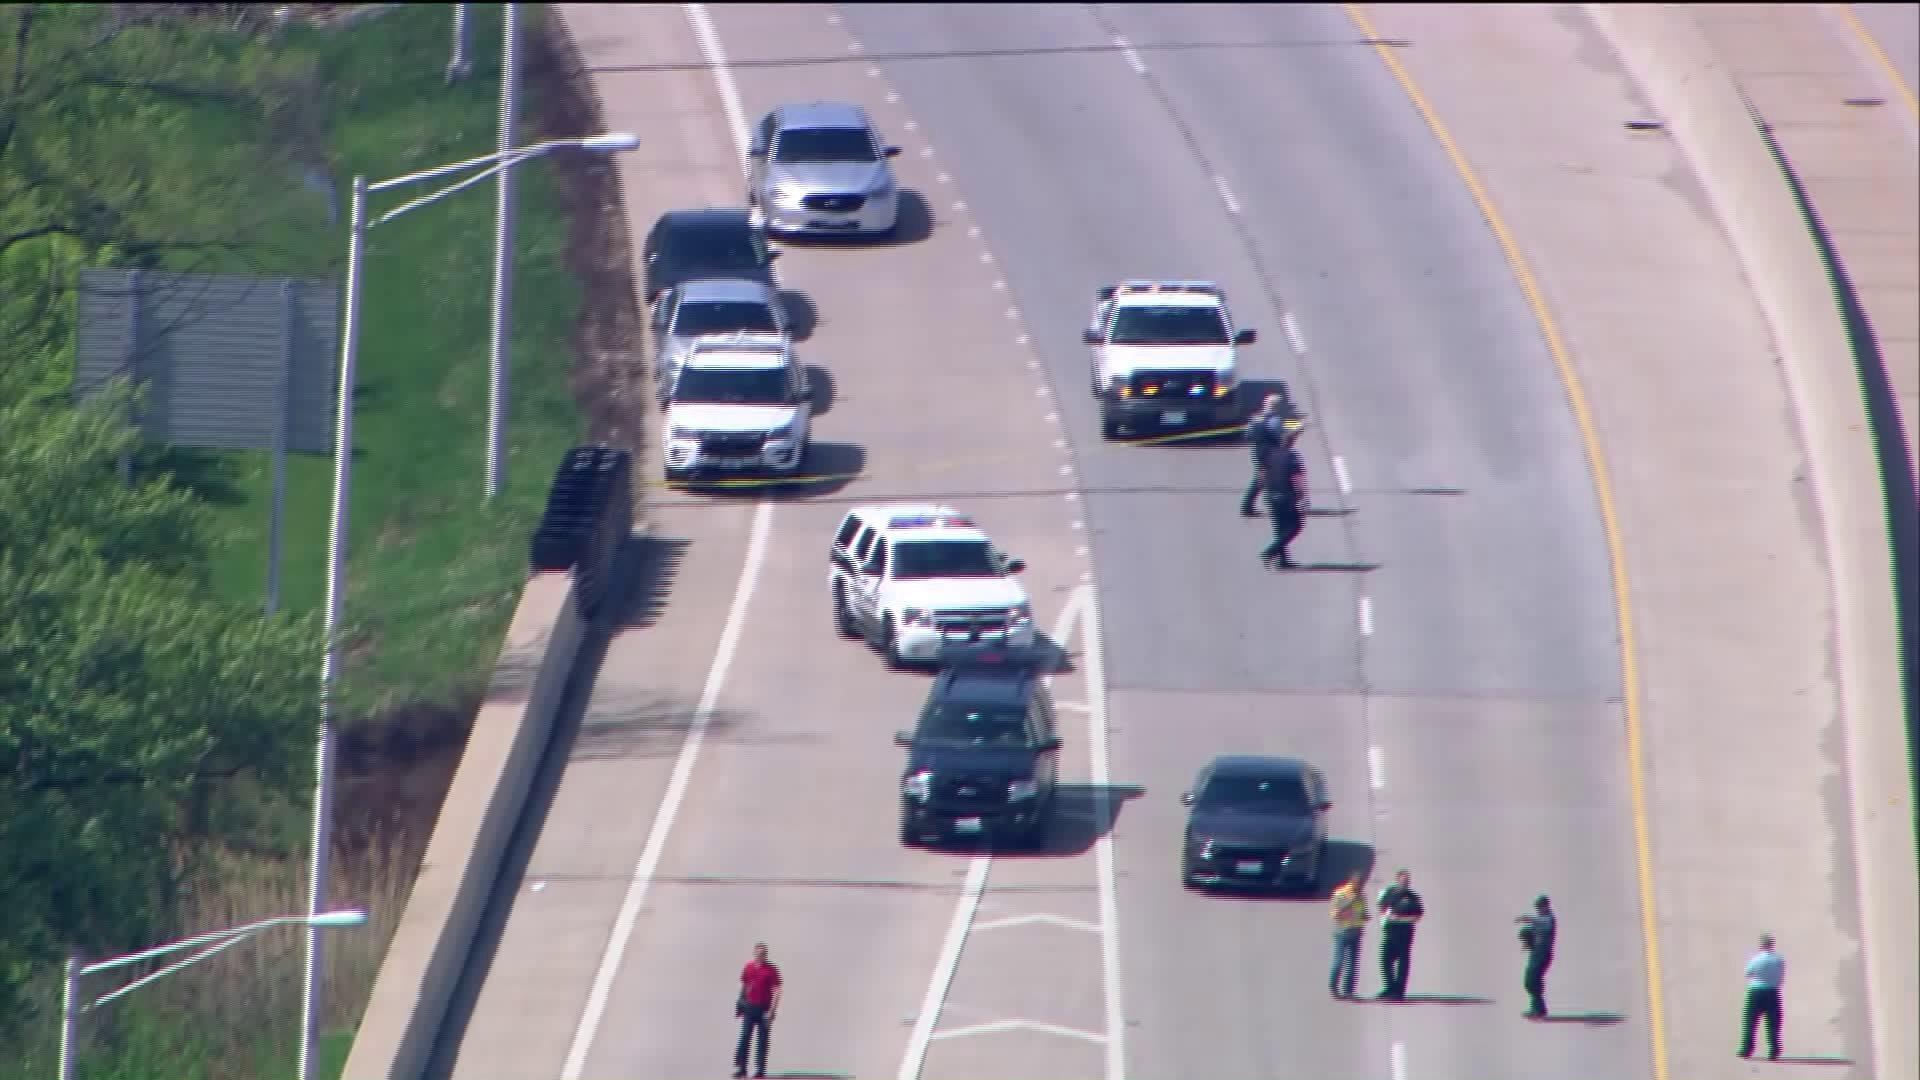 Policja w Gurnee zastrzeliła kobietę na Route 41